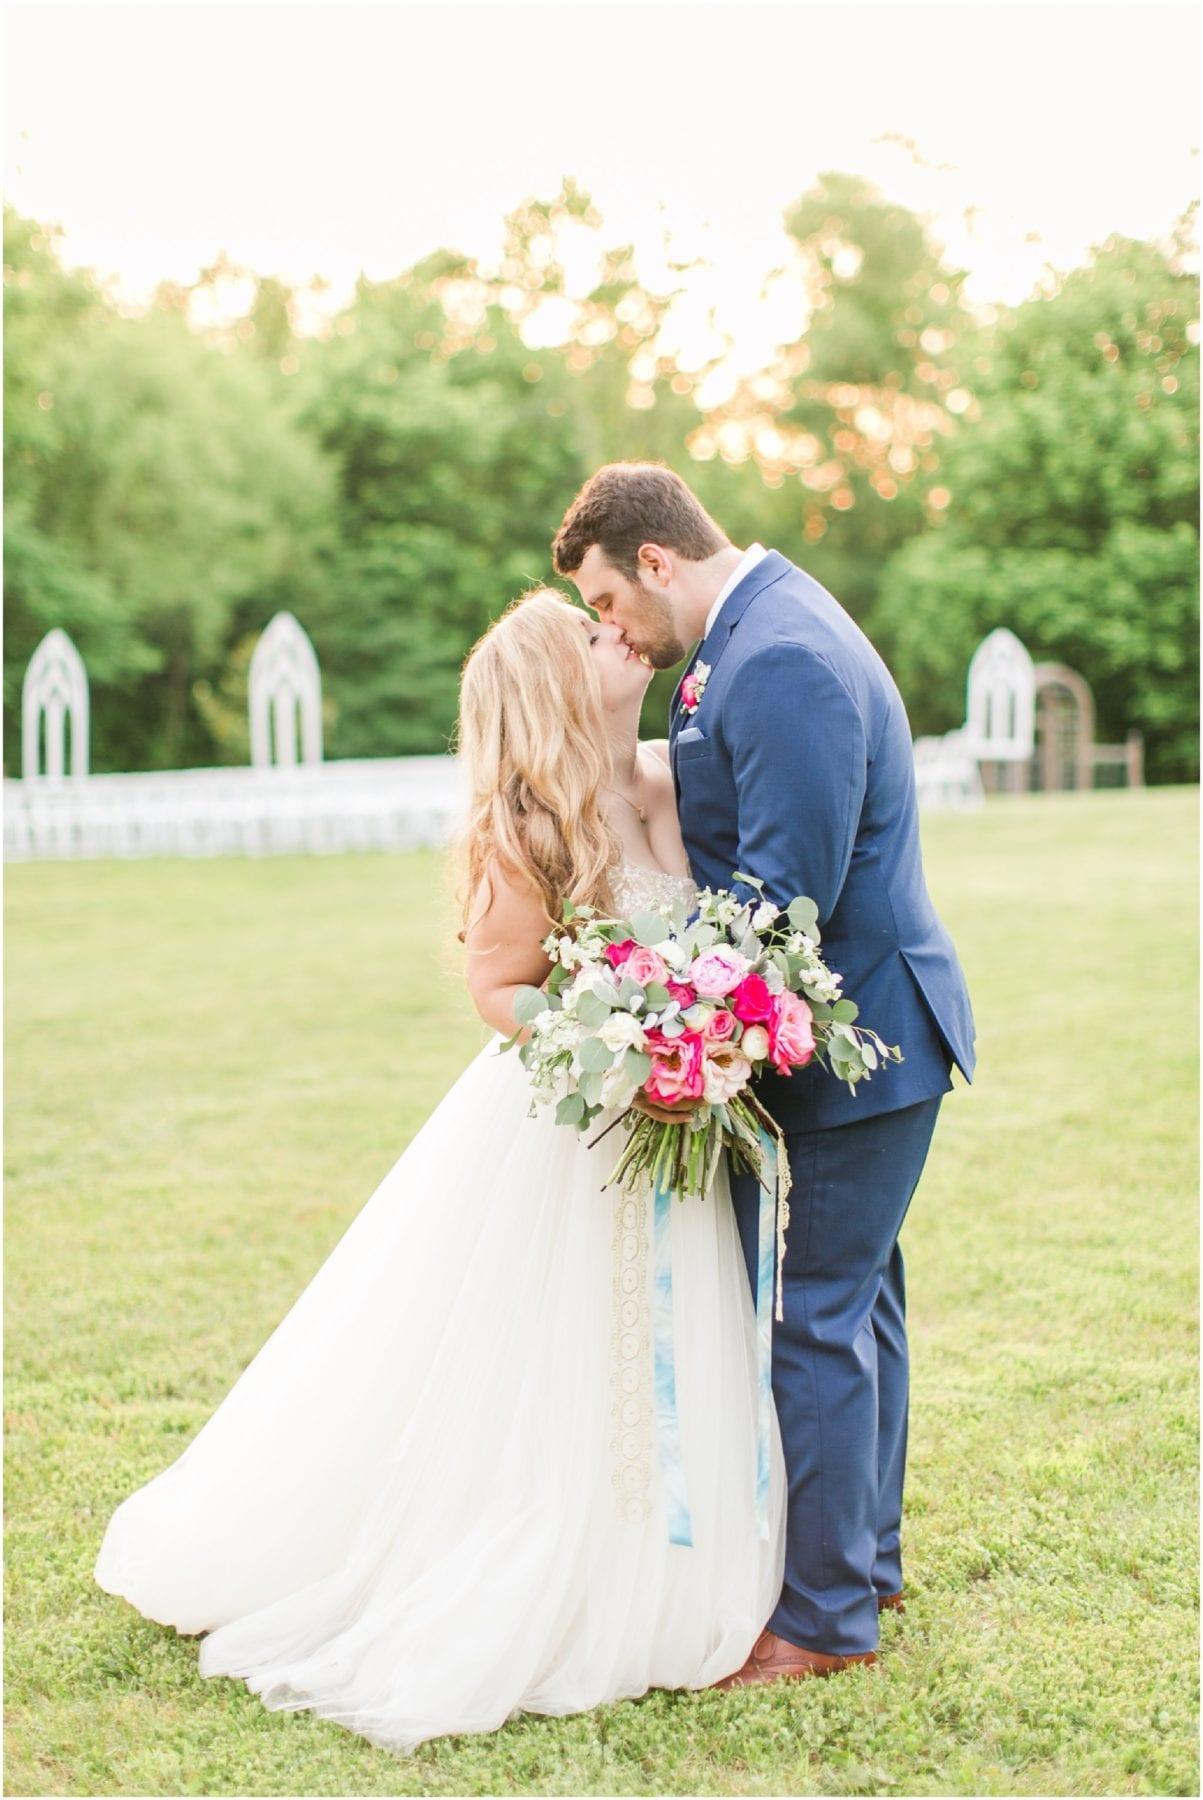 Maryland Backyard Wedding Photos Kelly & Zach Megan Kelsey Photography-271.jpg